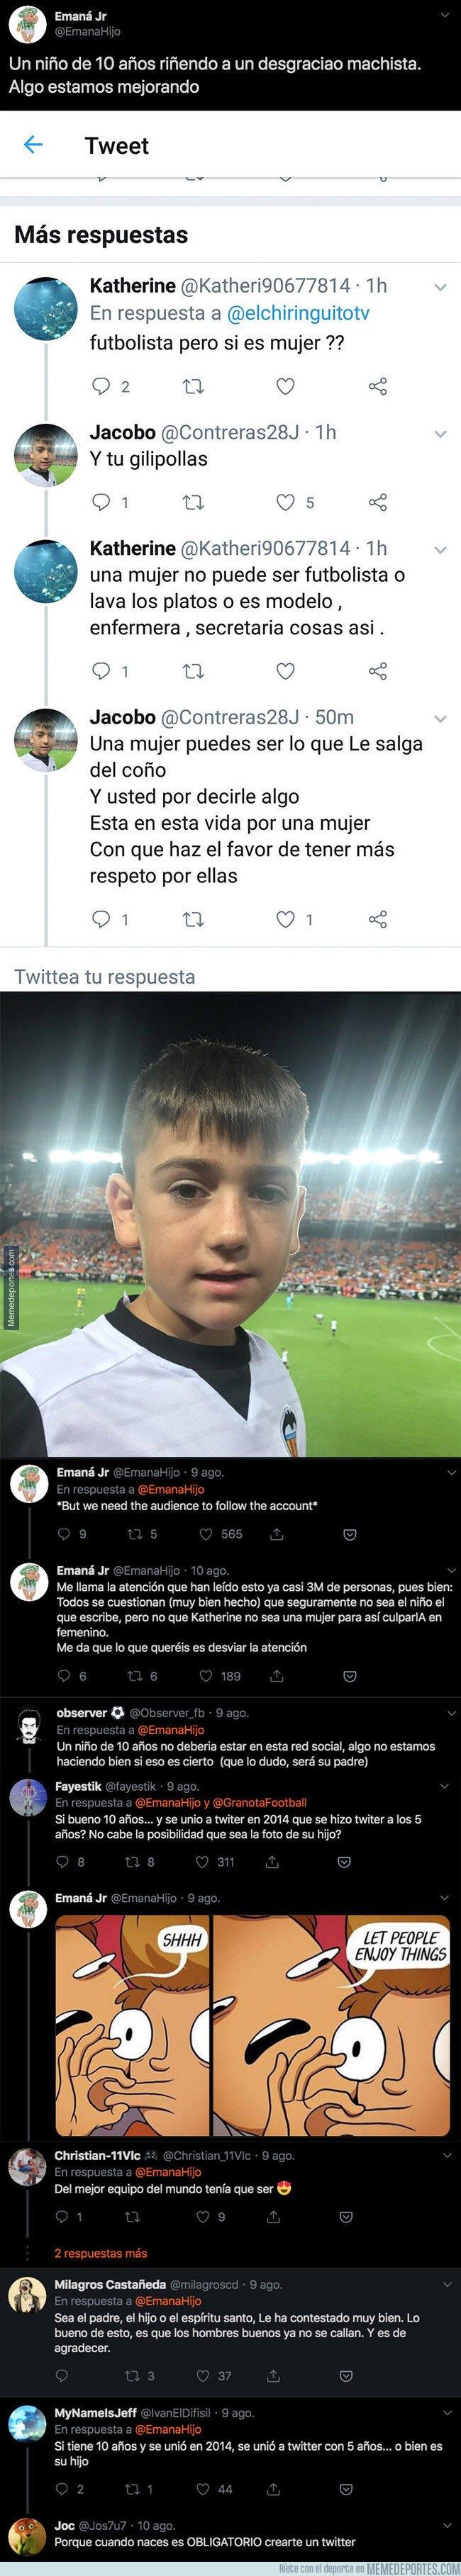 1083427 - Un aficionado de 10 años del Valencia deja por los suelos a un machista repugnante con una respuesta sublime